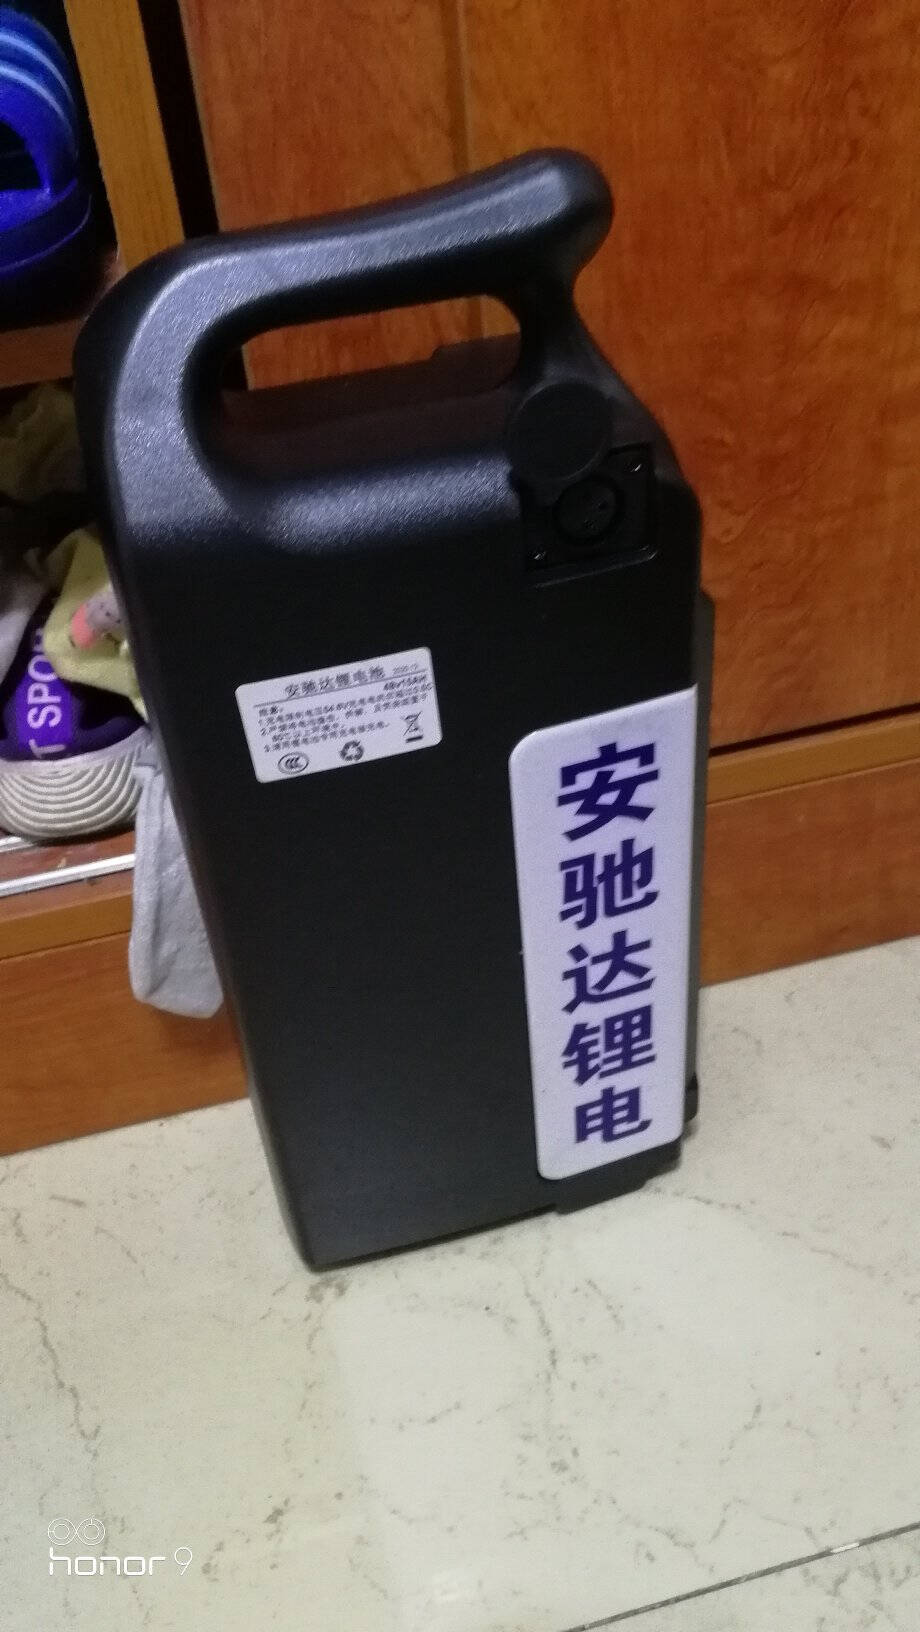 适用于台铃愉途爱玛雅迪电动自行车单车通用蓄电瓶48v锂电池12a15ah20安48v10ah短款(7号)